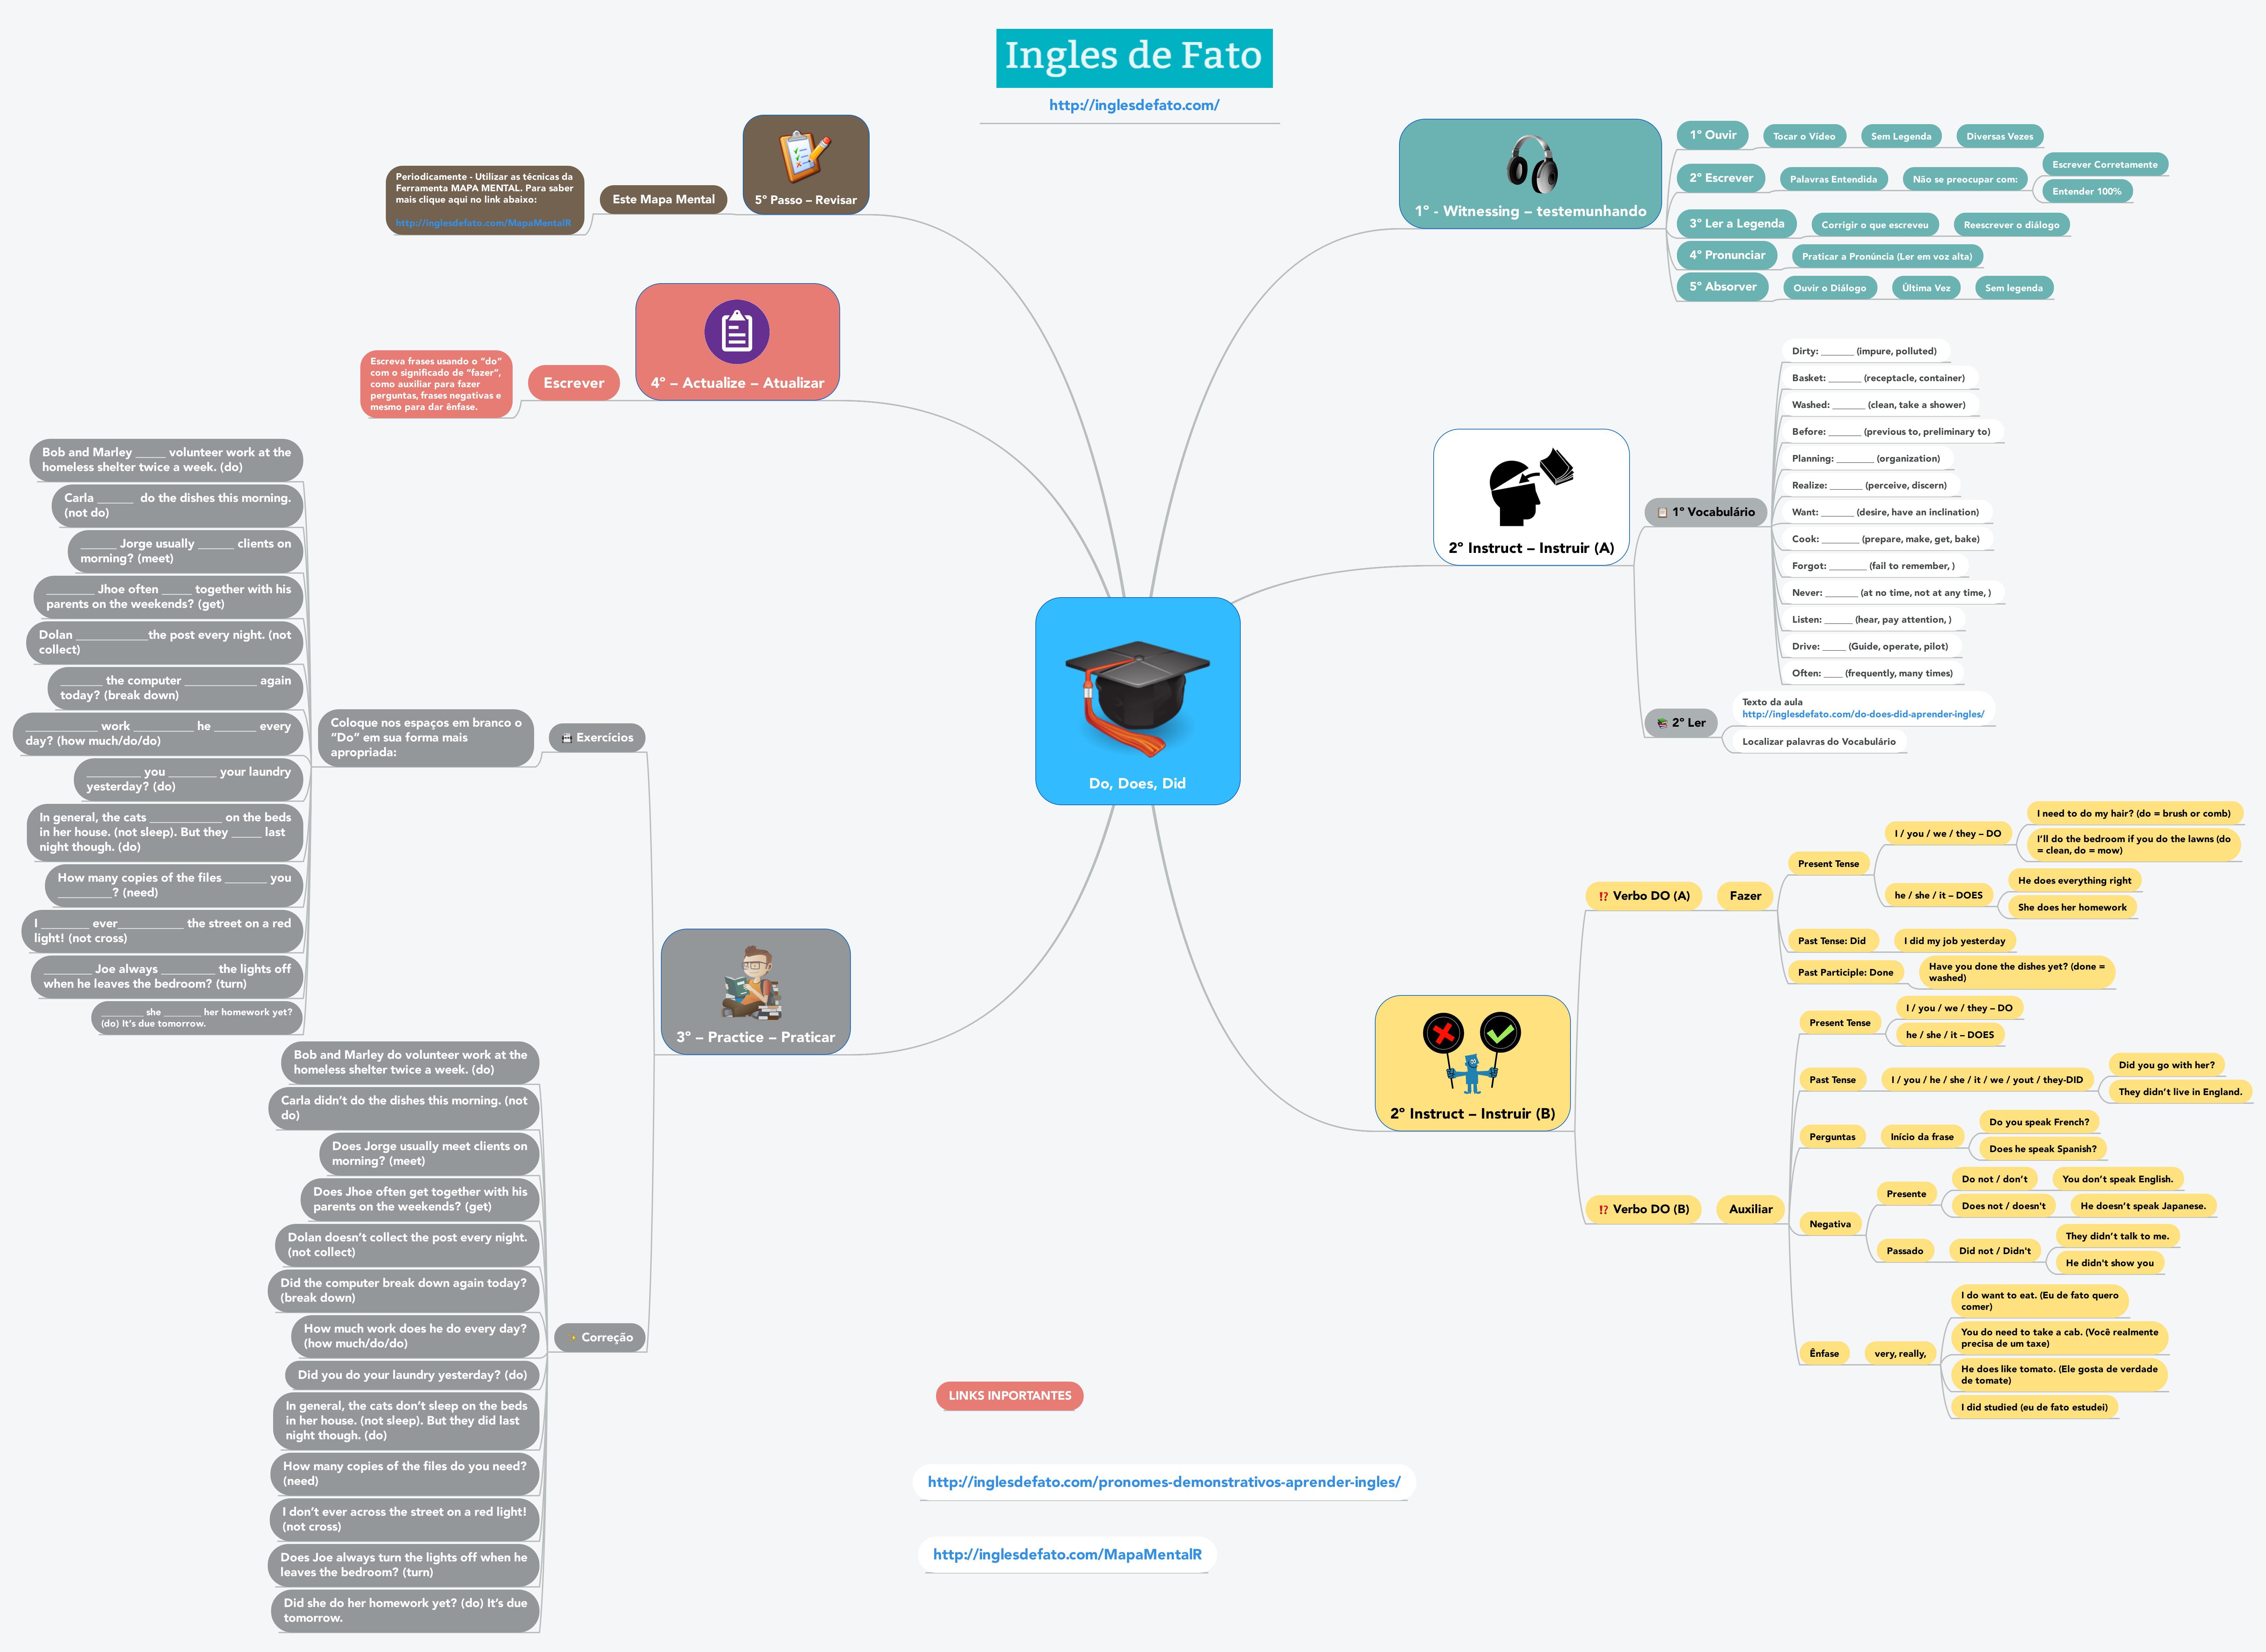 Aprender Ingles - Mapa Mental do Do, DOES, DID - CLIQUE NA IMAGEM PARA AUMENTAR O TAMANHO